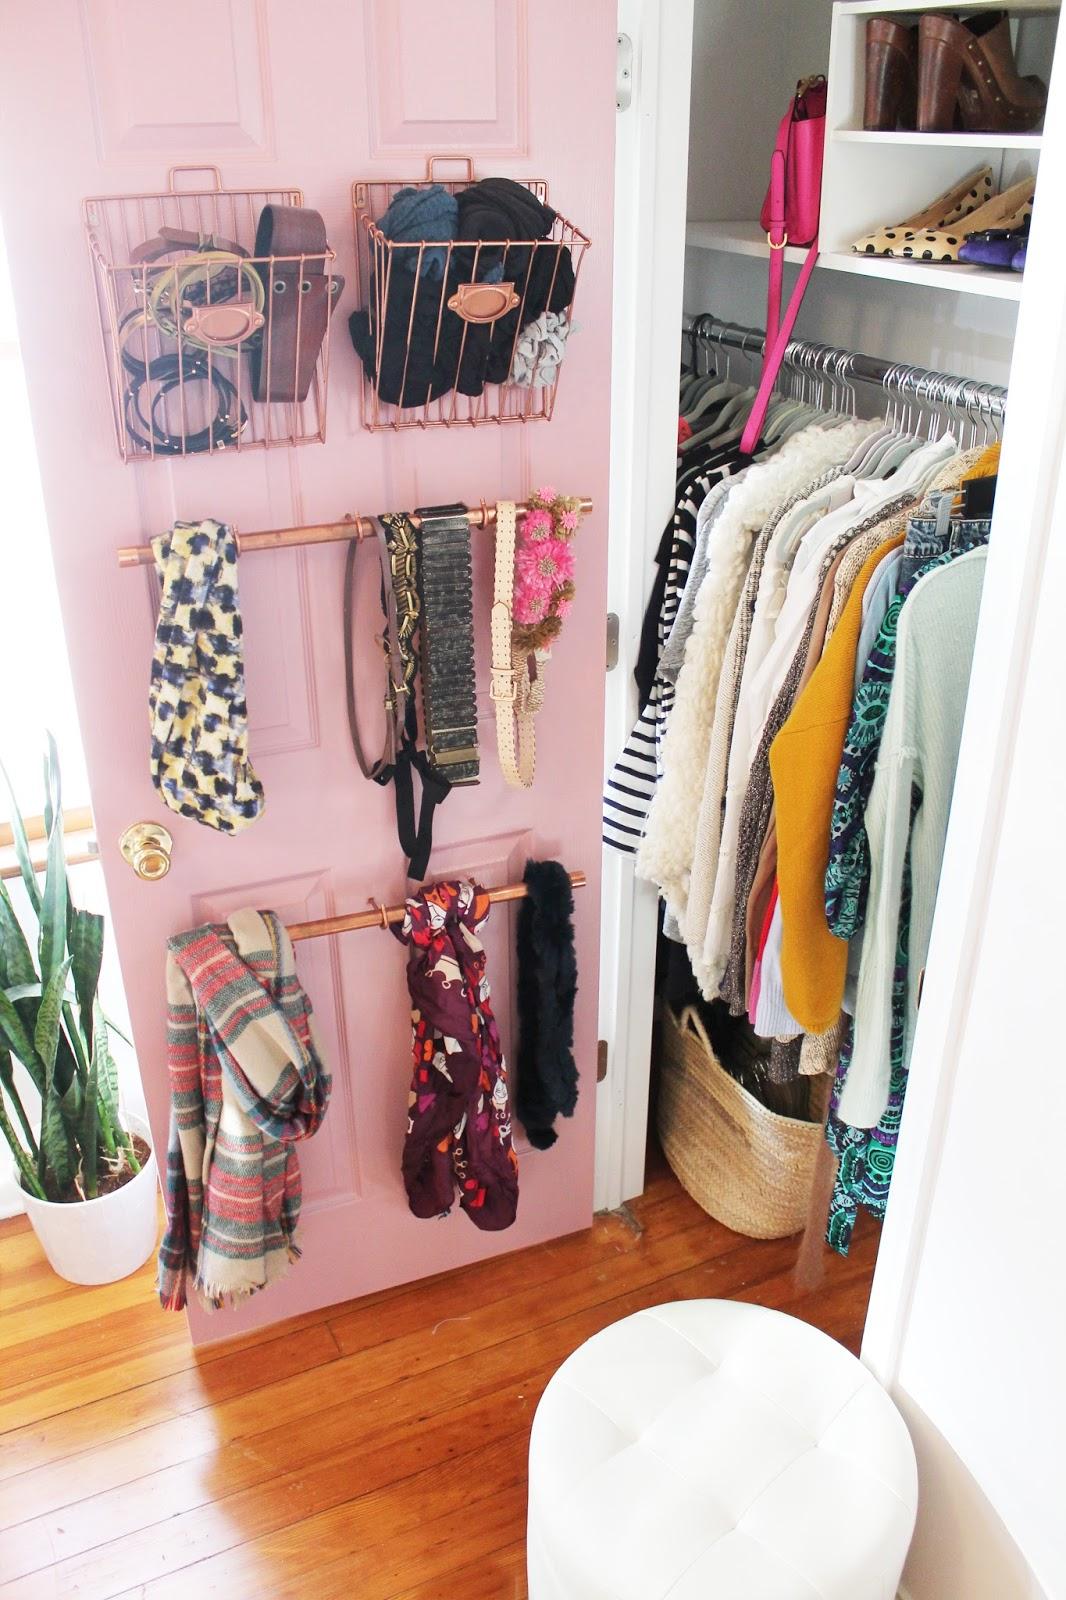 Штанги и полки для одежды